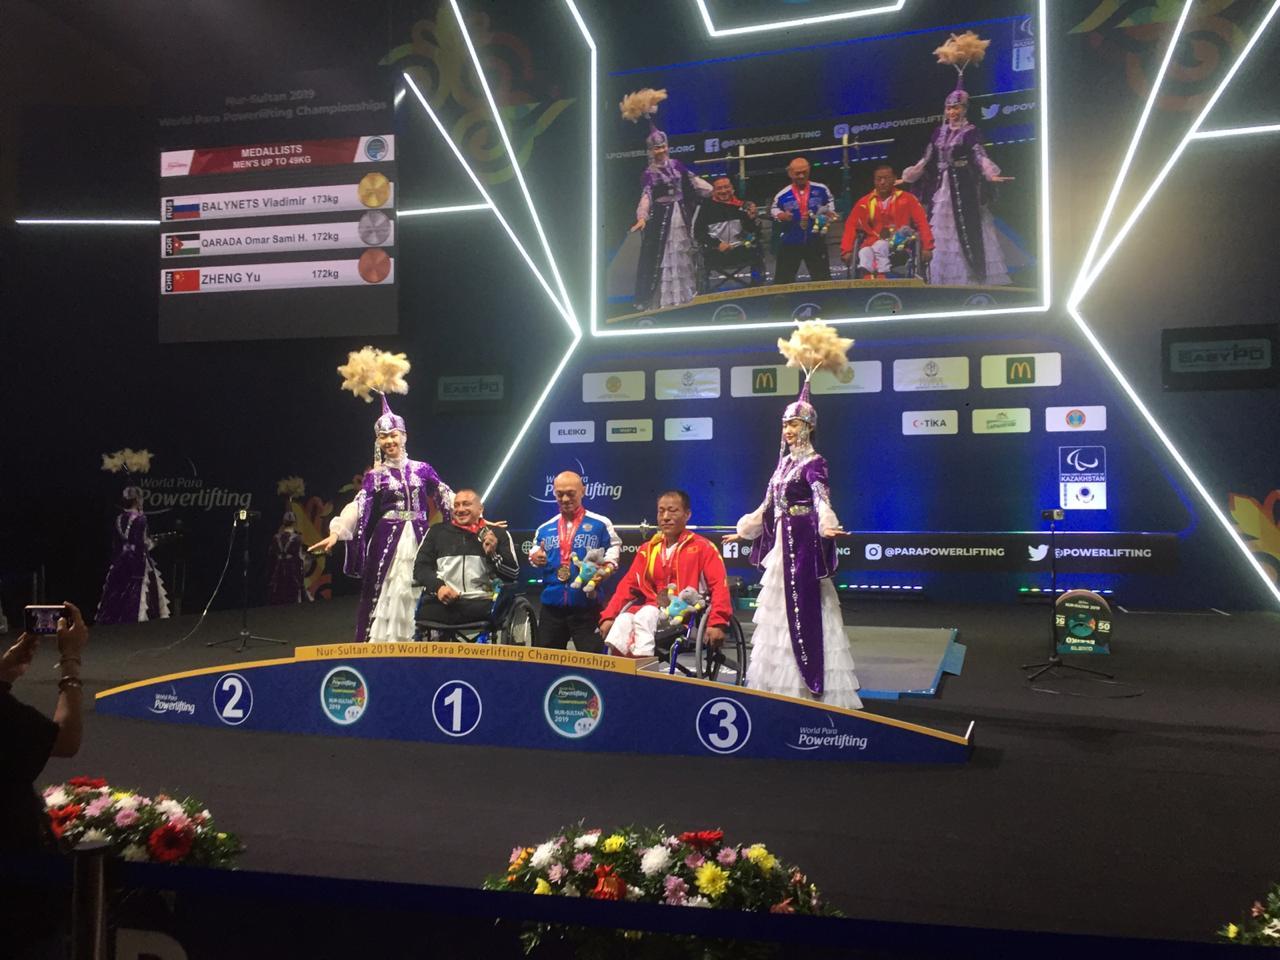 Владимир Балынец завоевал золотую медаль в первый день чемпионата мира по пауэрлифтингу спорта лиц с ПОДА в Казахстане